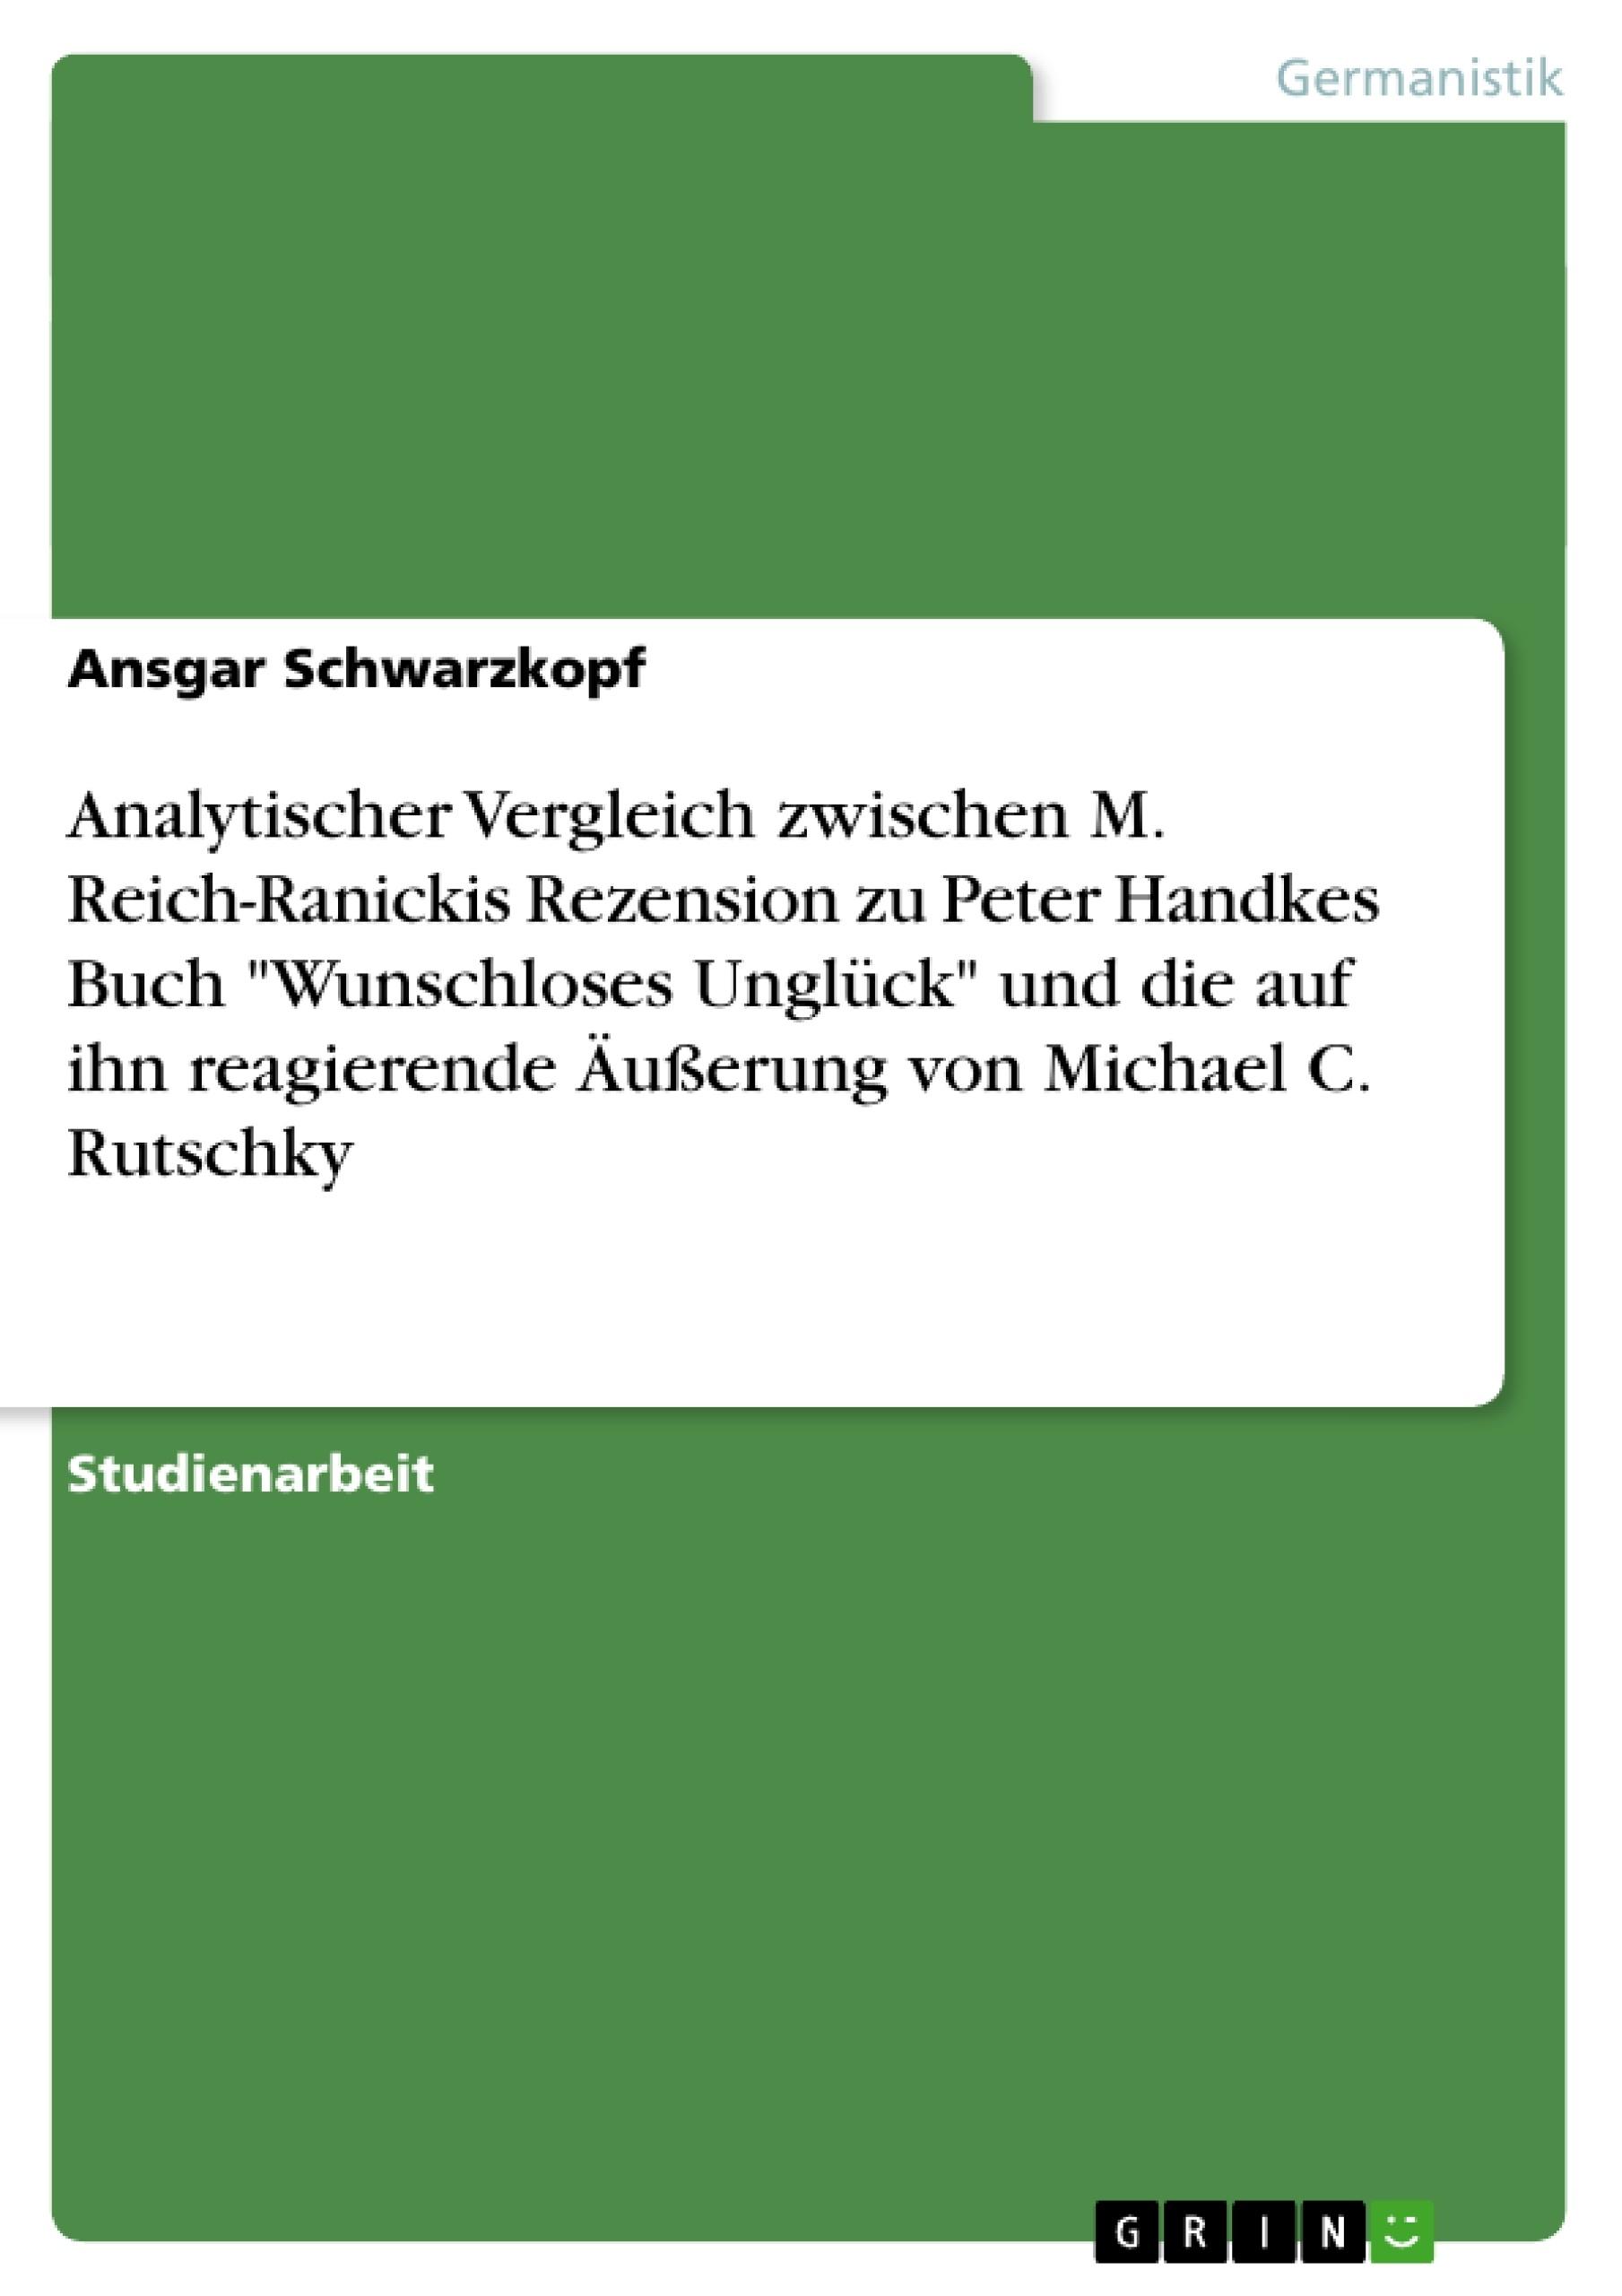 """Titel: Analytischer Vergleich zwischen M. Reich-Ranickis Rezension zu Peter Handkes Buch  """"Wunschloses Unglück""""  und die auf ihn reagierende Äußerung von Michael C. Rutschky"""